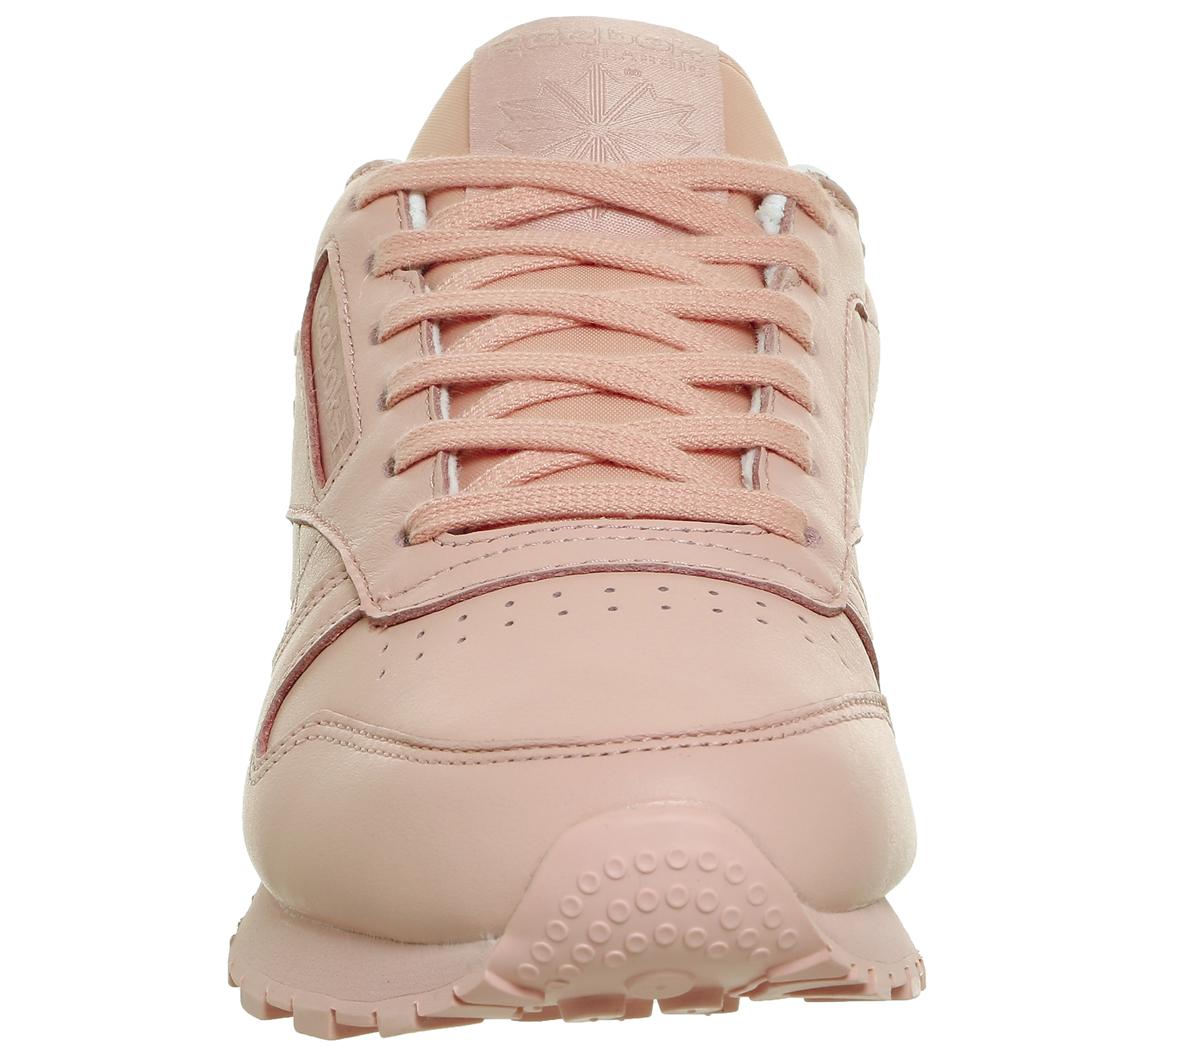 Da-Donna-Reebok-CL-Leather-Scarpe-da-ginnastica-rosa-patina